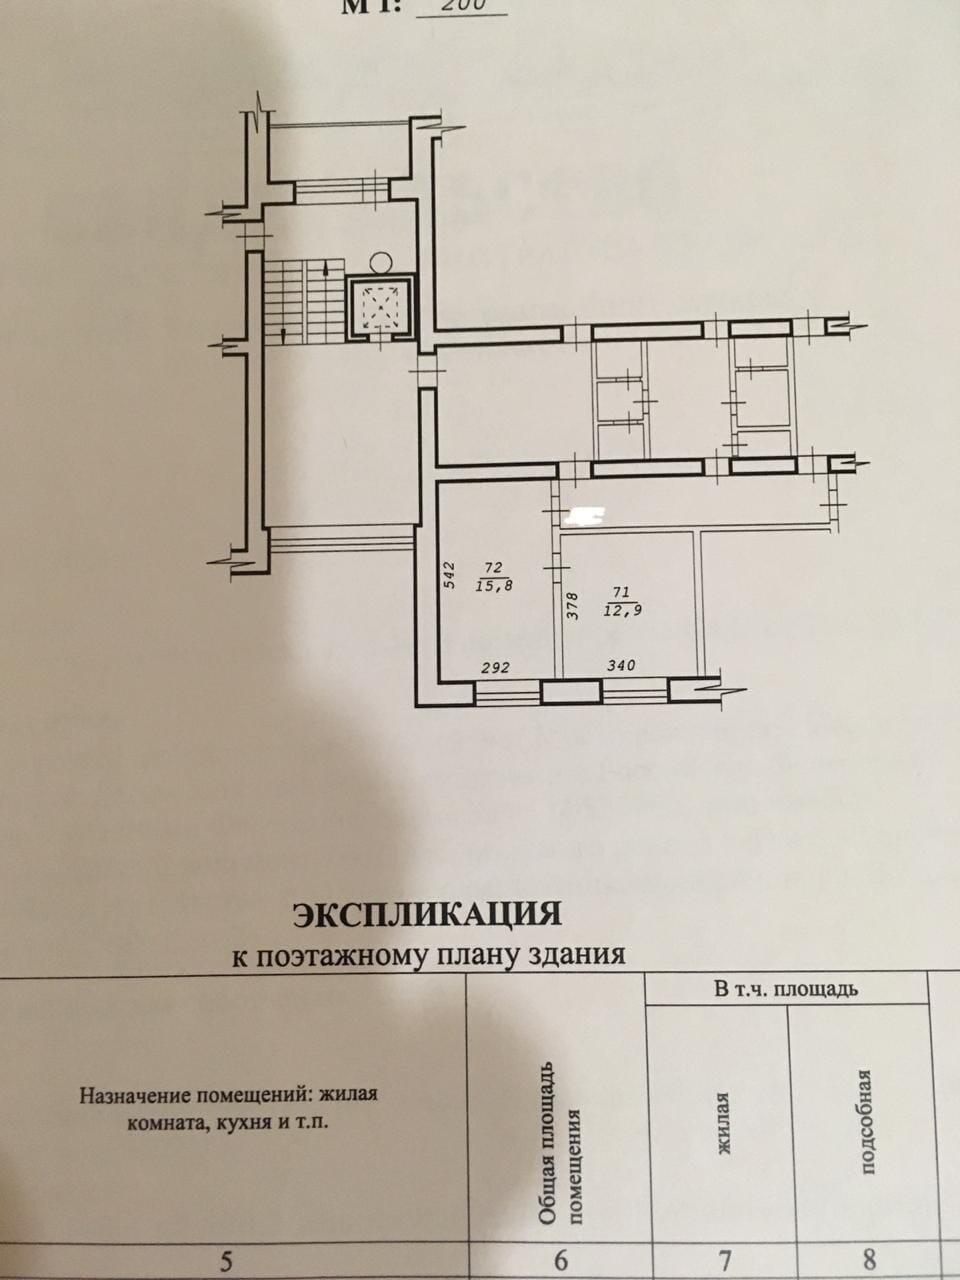 Богдана Хмельницкого, 107/1, 2-комнатная квартира